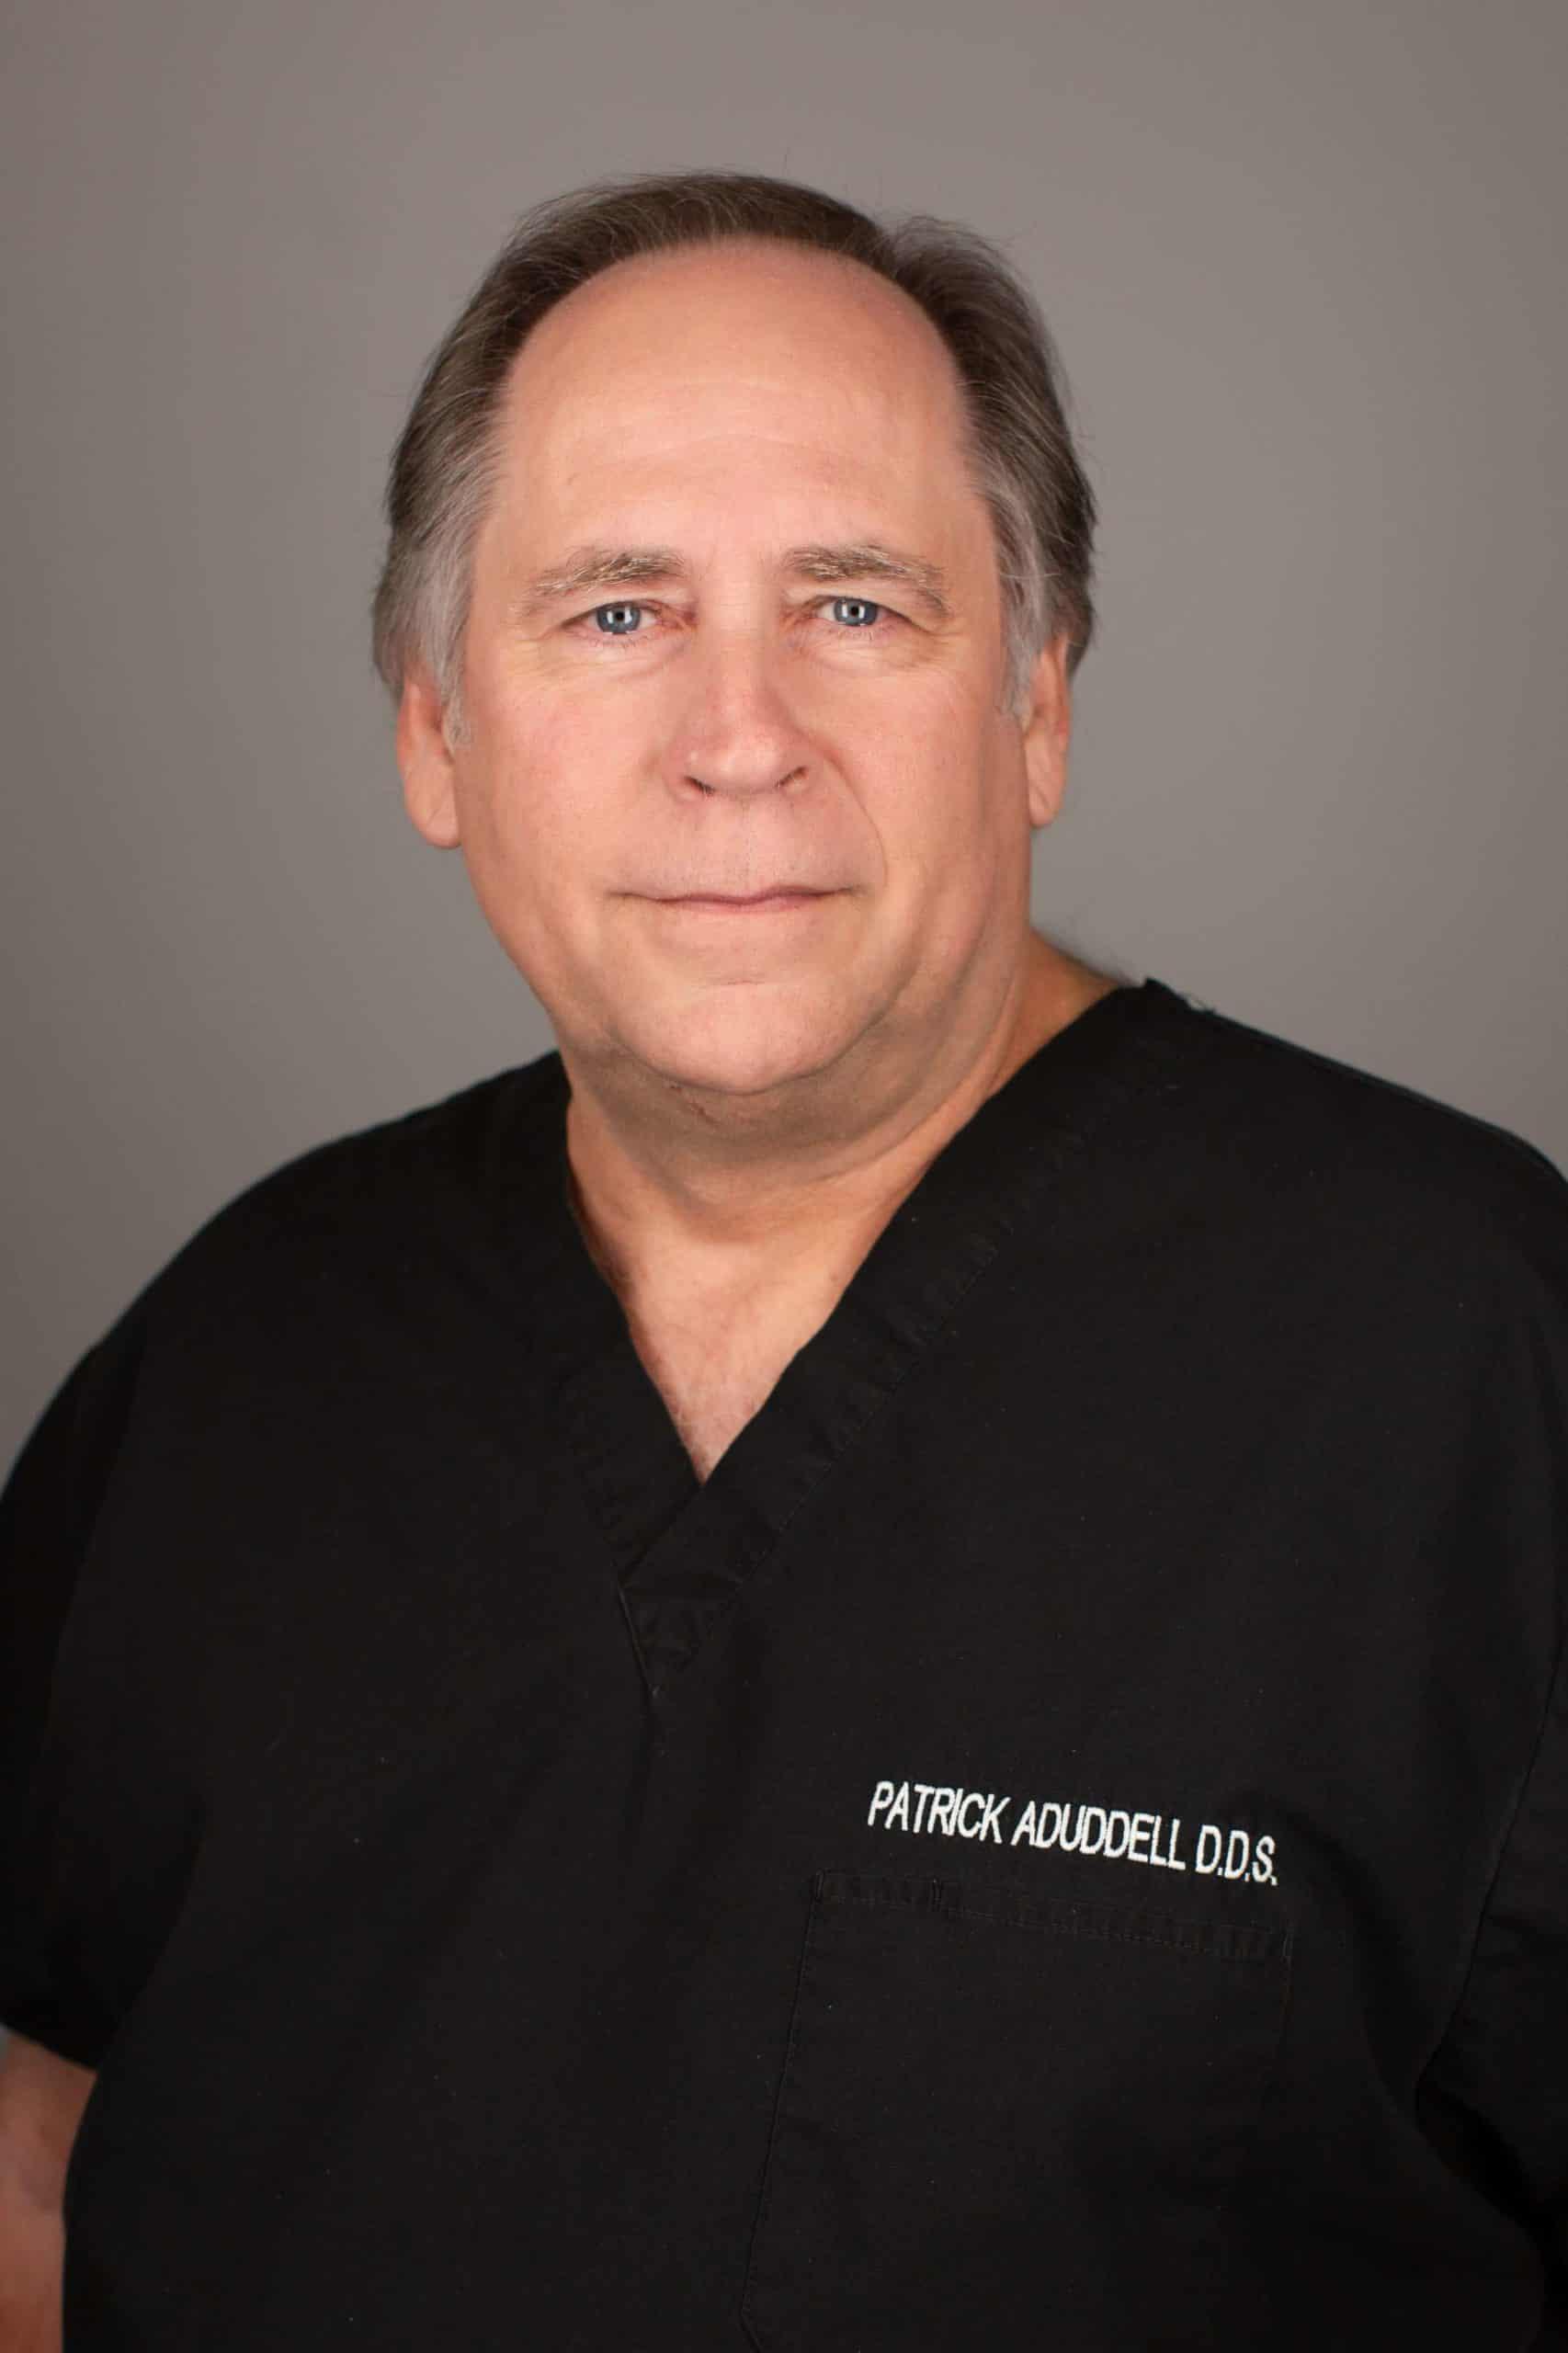 Dr. Patrick Aduddell at Aduddell Dentistry